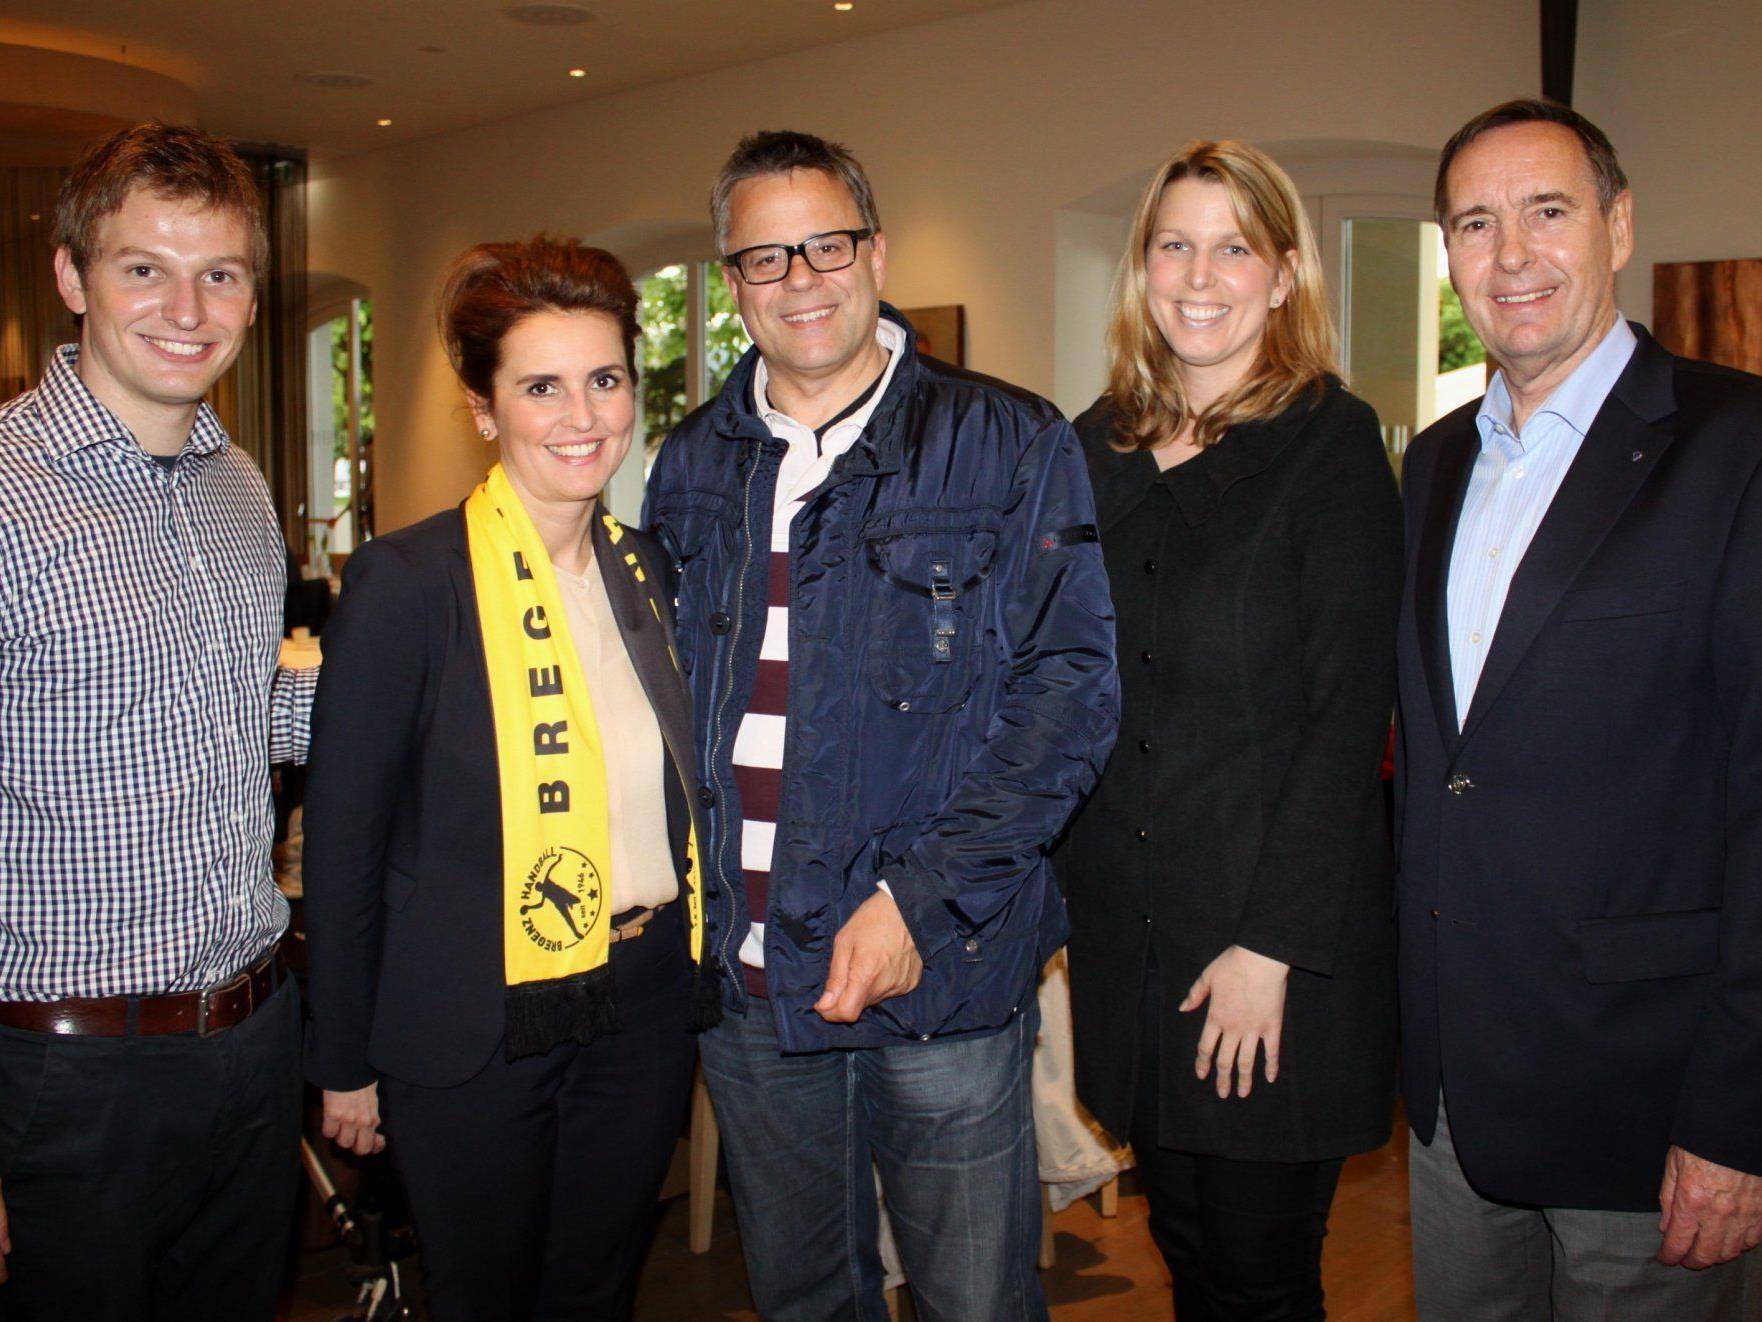 Thomas Berger (Bregenz Handball), Sandra Neukart (RIMC), Roland Frühstück (Bregenz Handball), Annette Mätzler (Seehotel) und Hartmut Geese (RIMC).